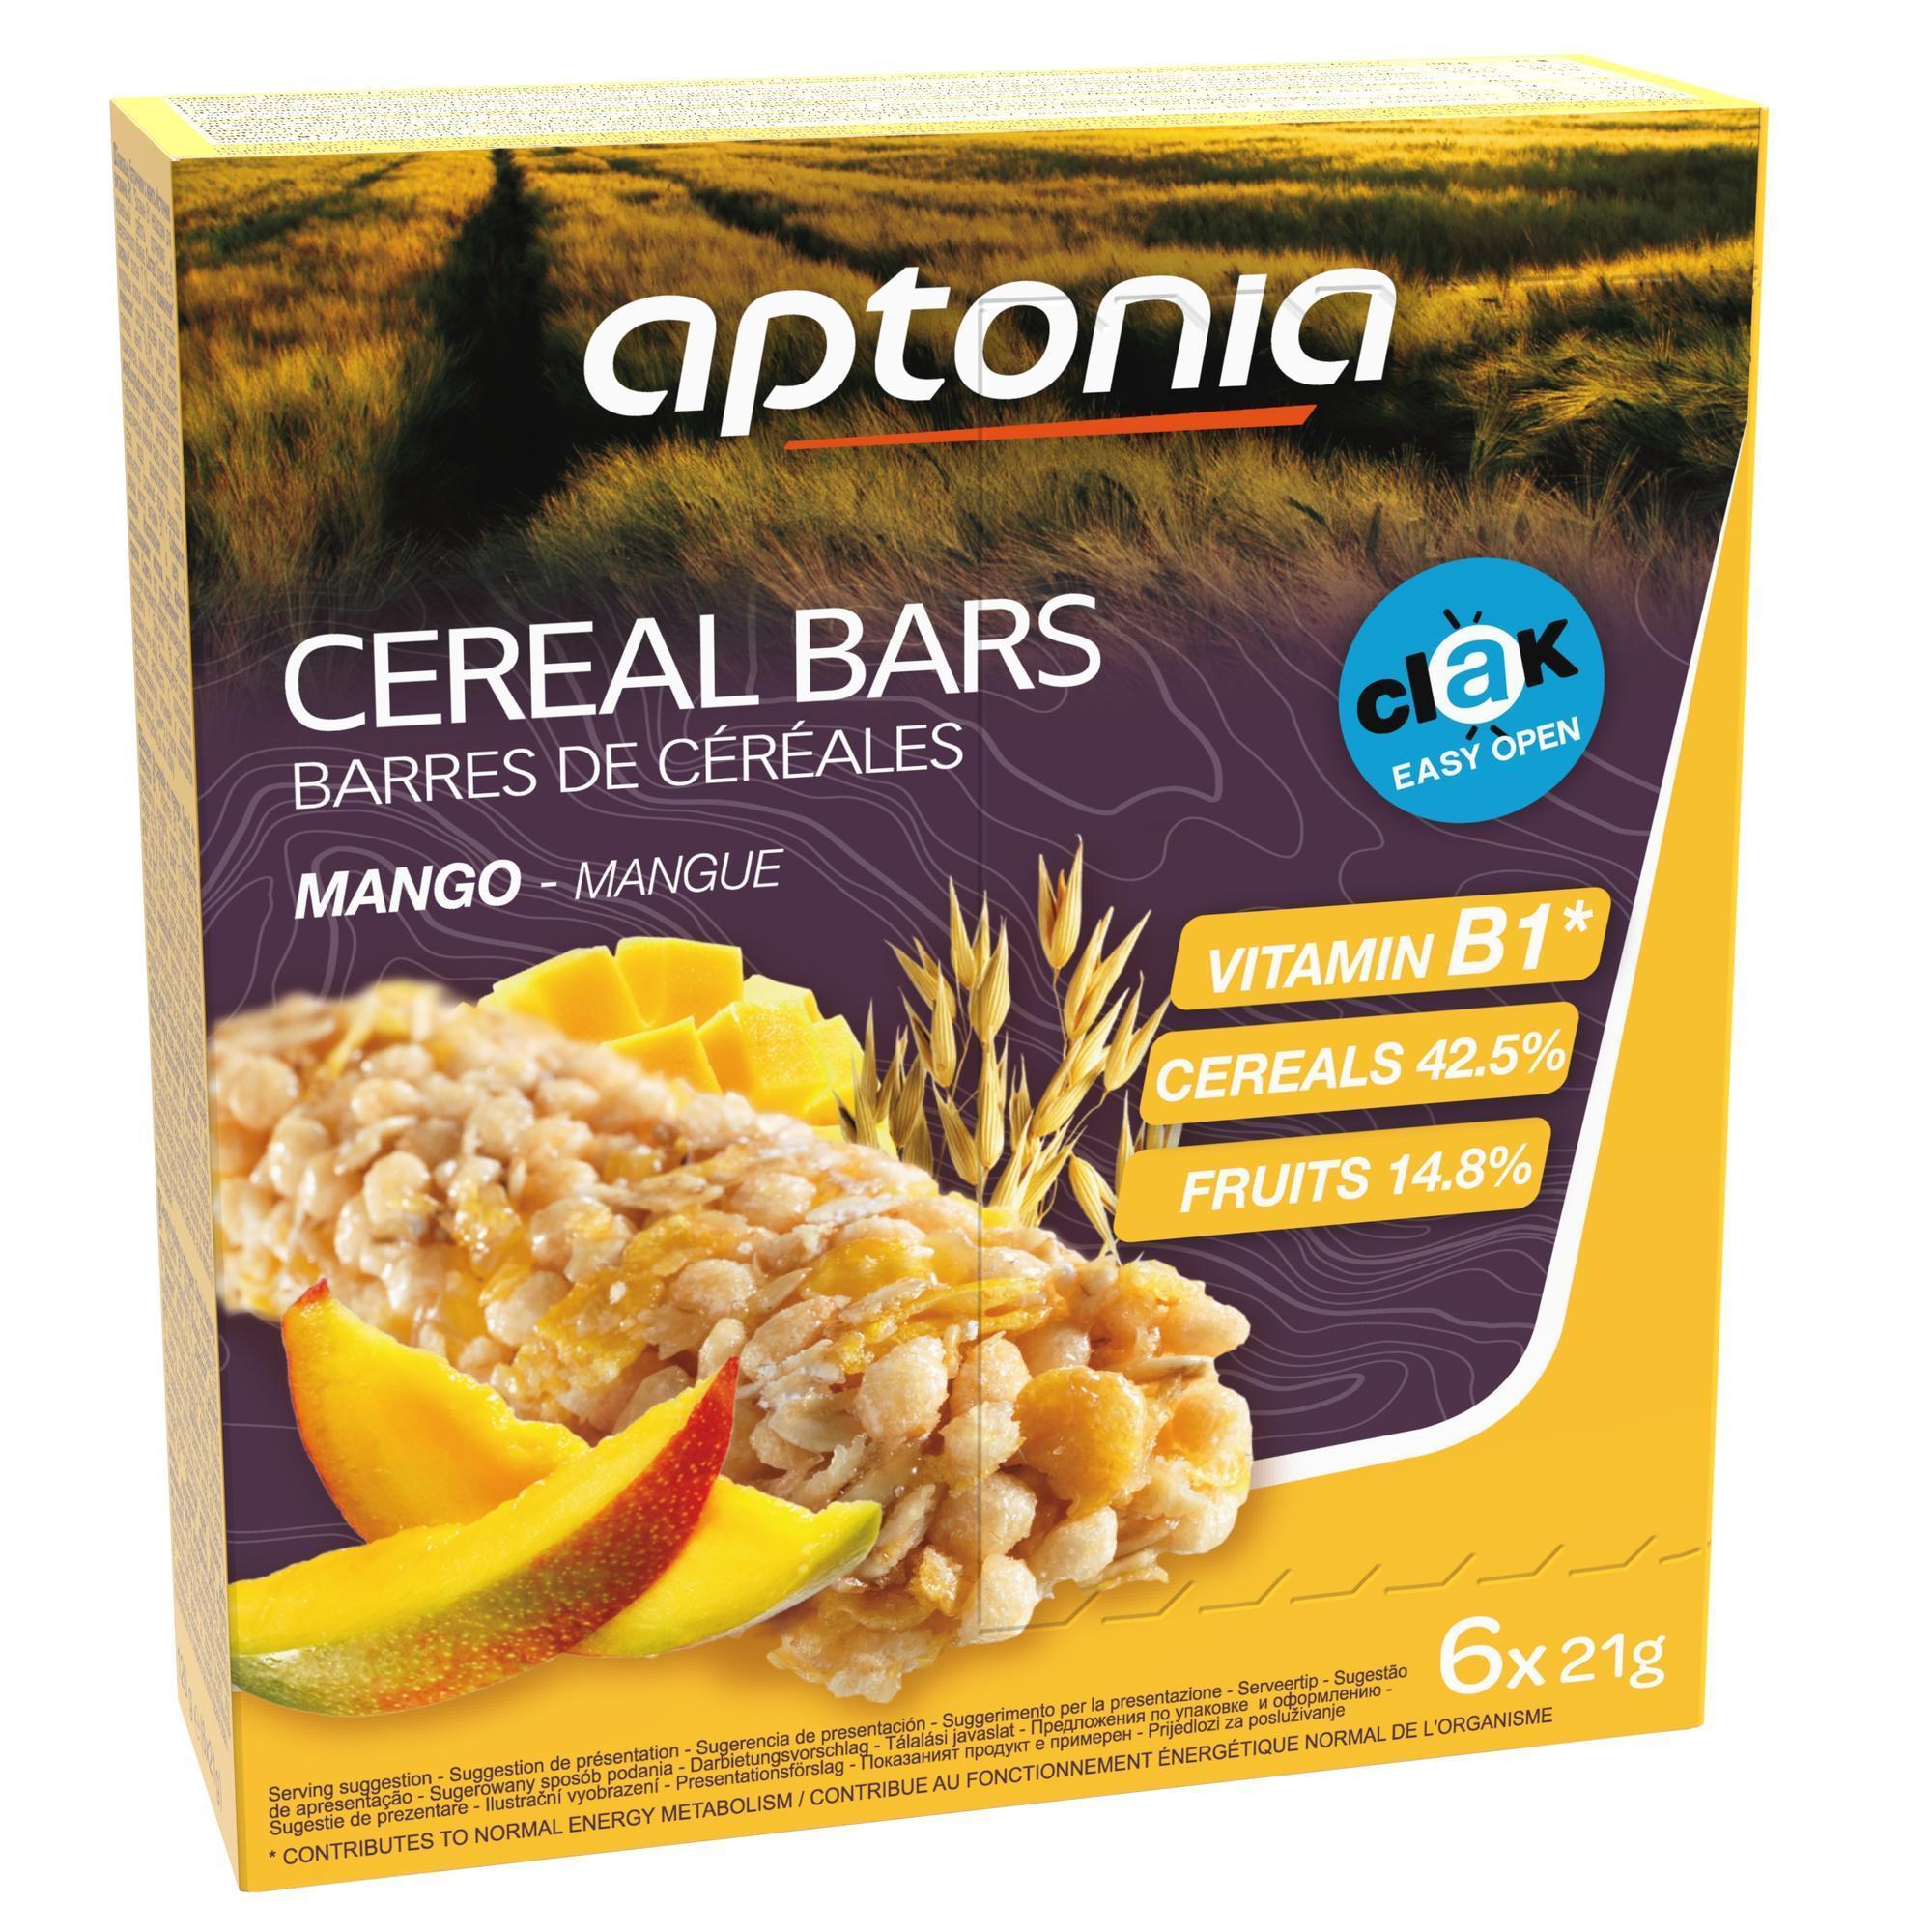 Aptonia Graanreep Clak rode vruchten 6x 21 g kopen? Sport>Sportvoeding & sportdrank>Sportvoeding tijdens inspanning met voordeel vind je hier